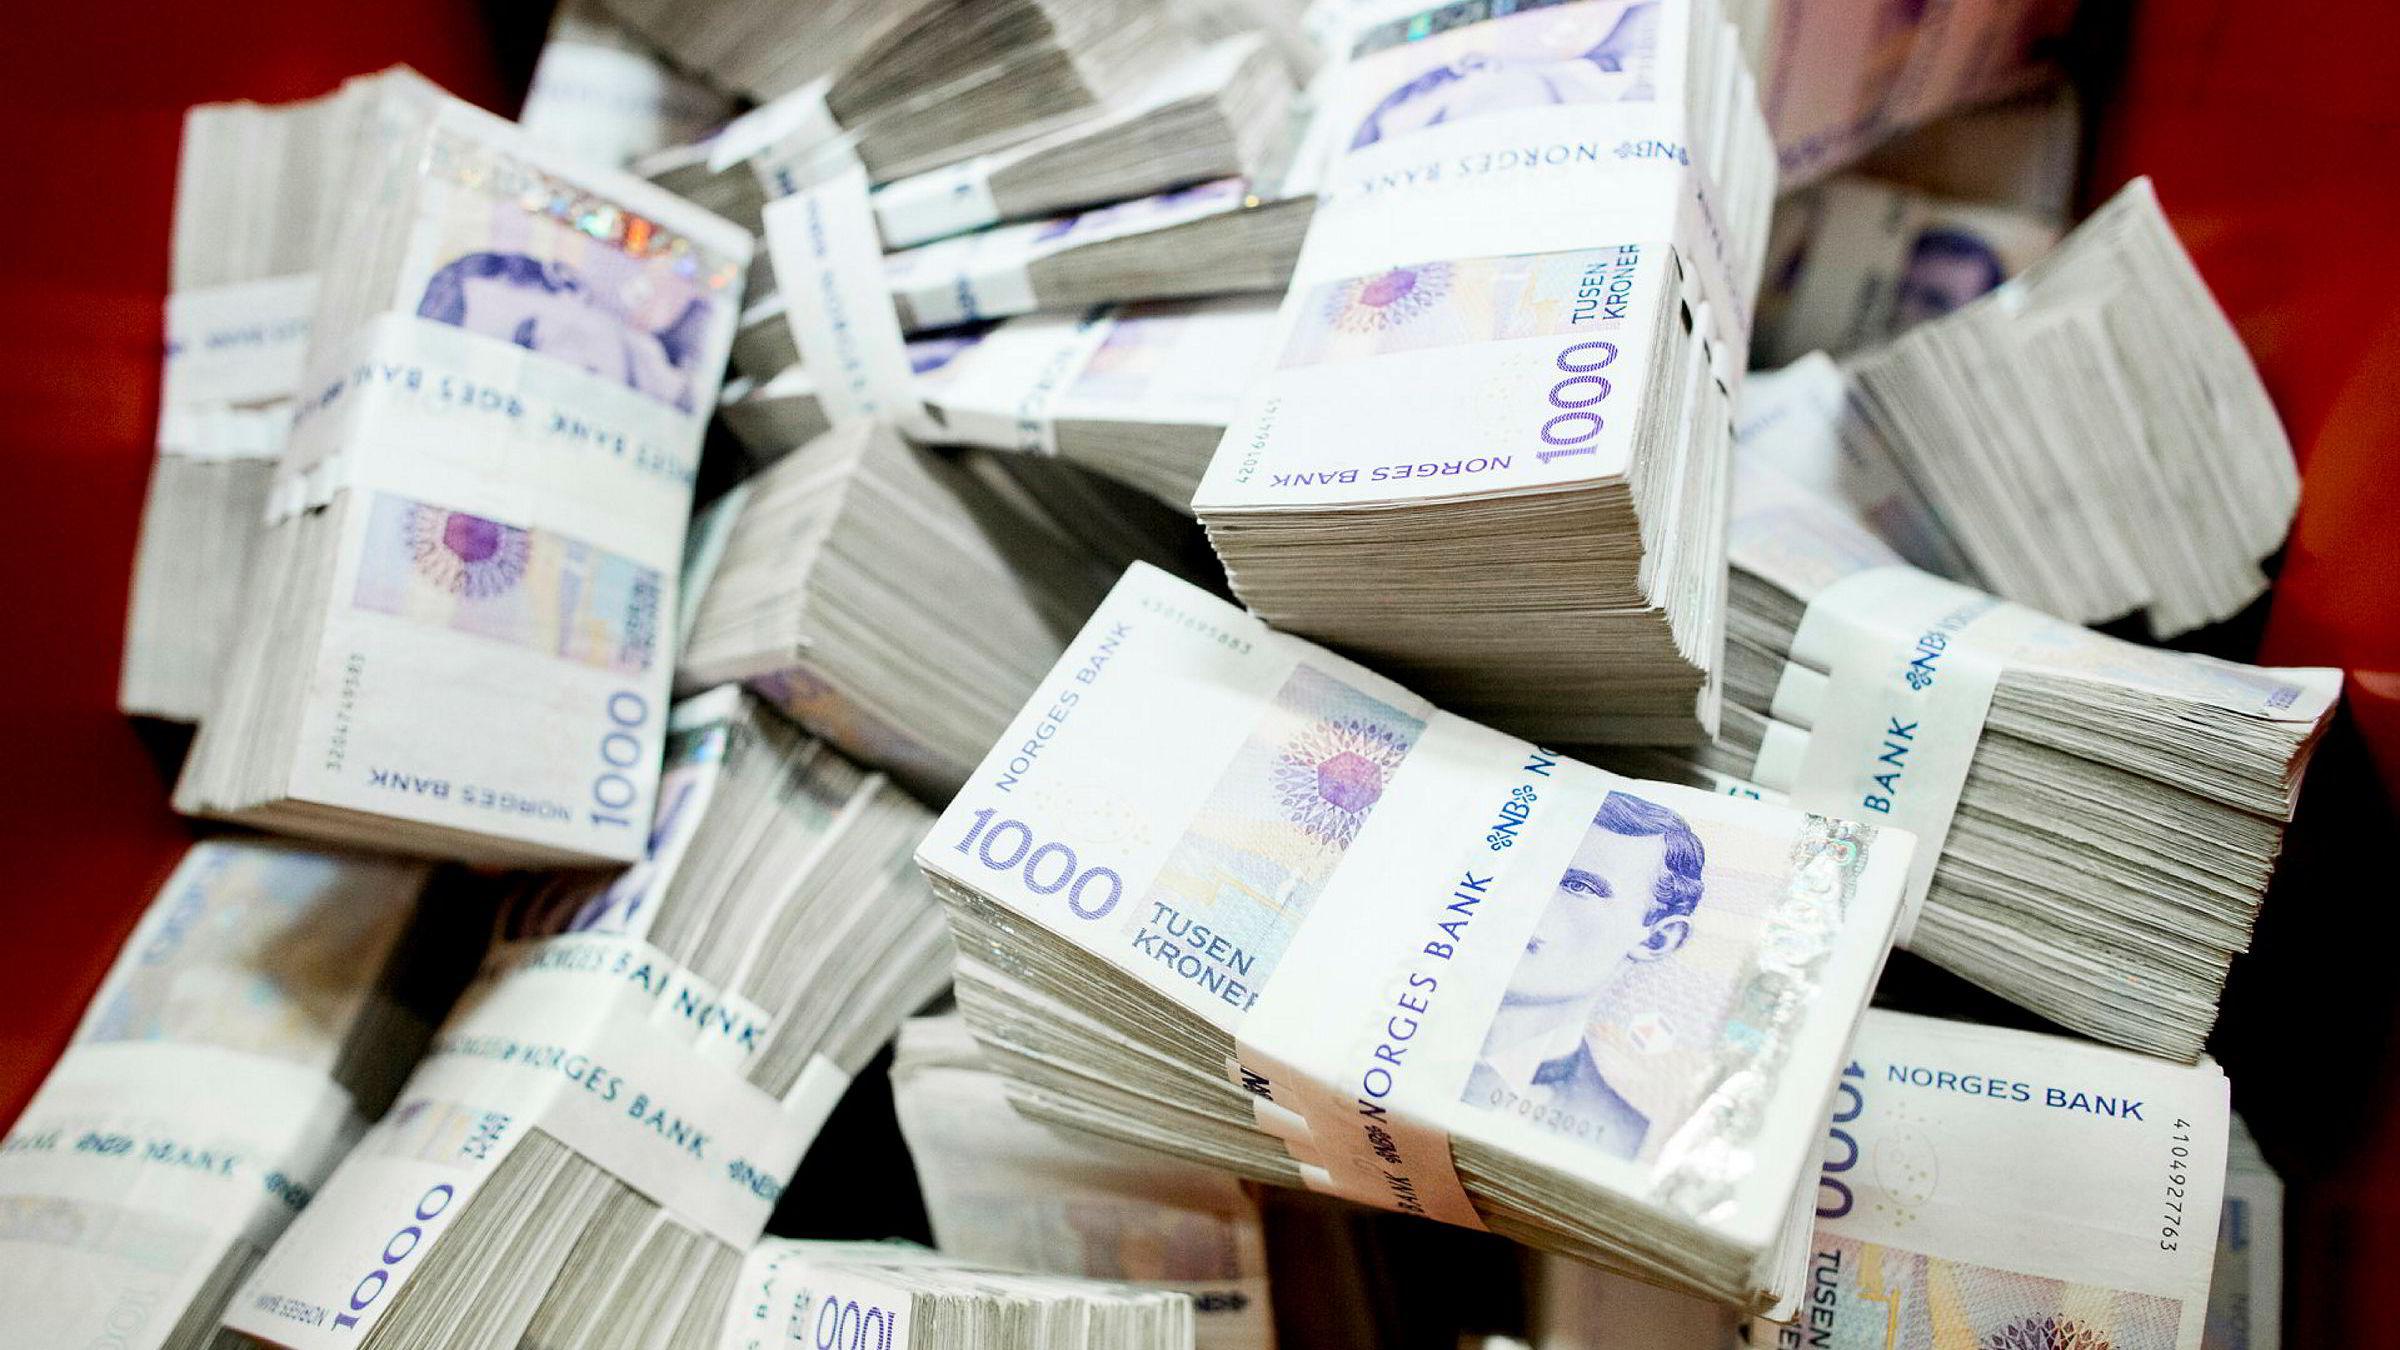 Oslo 20151006. Norges Bank makulerer gamle og ødelagte sedler i sine lokaler i Oslo tirsdag. Den gjeldende 1000-kroneseddelen fra 2001, som kommer fra